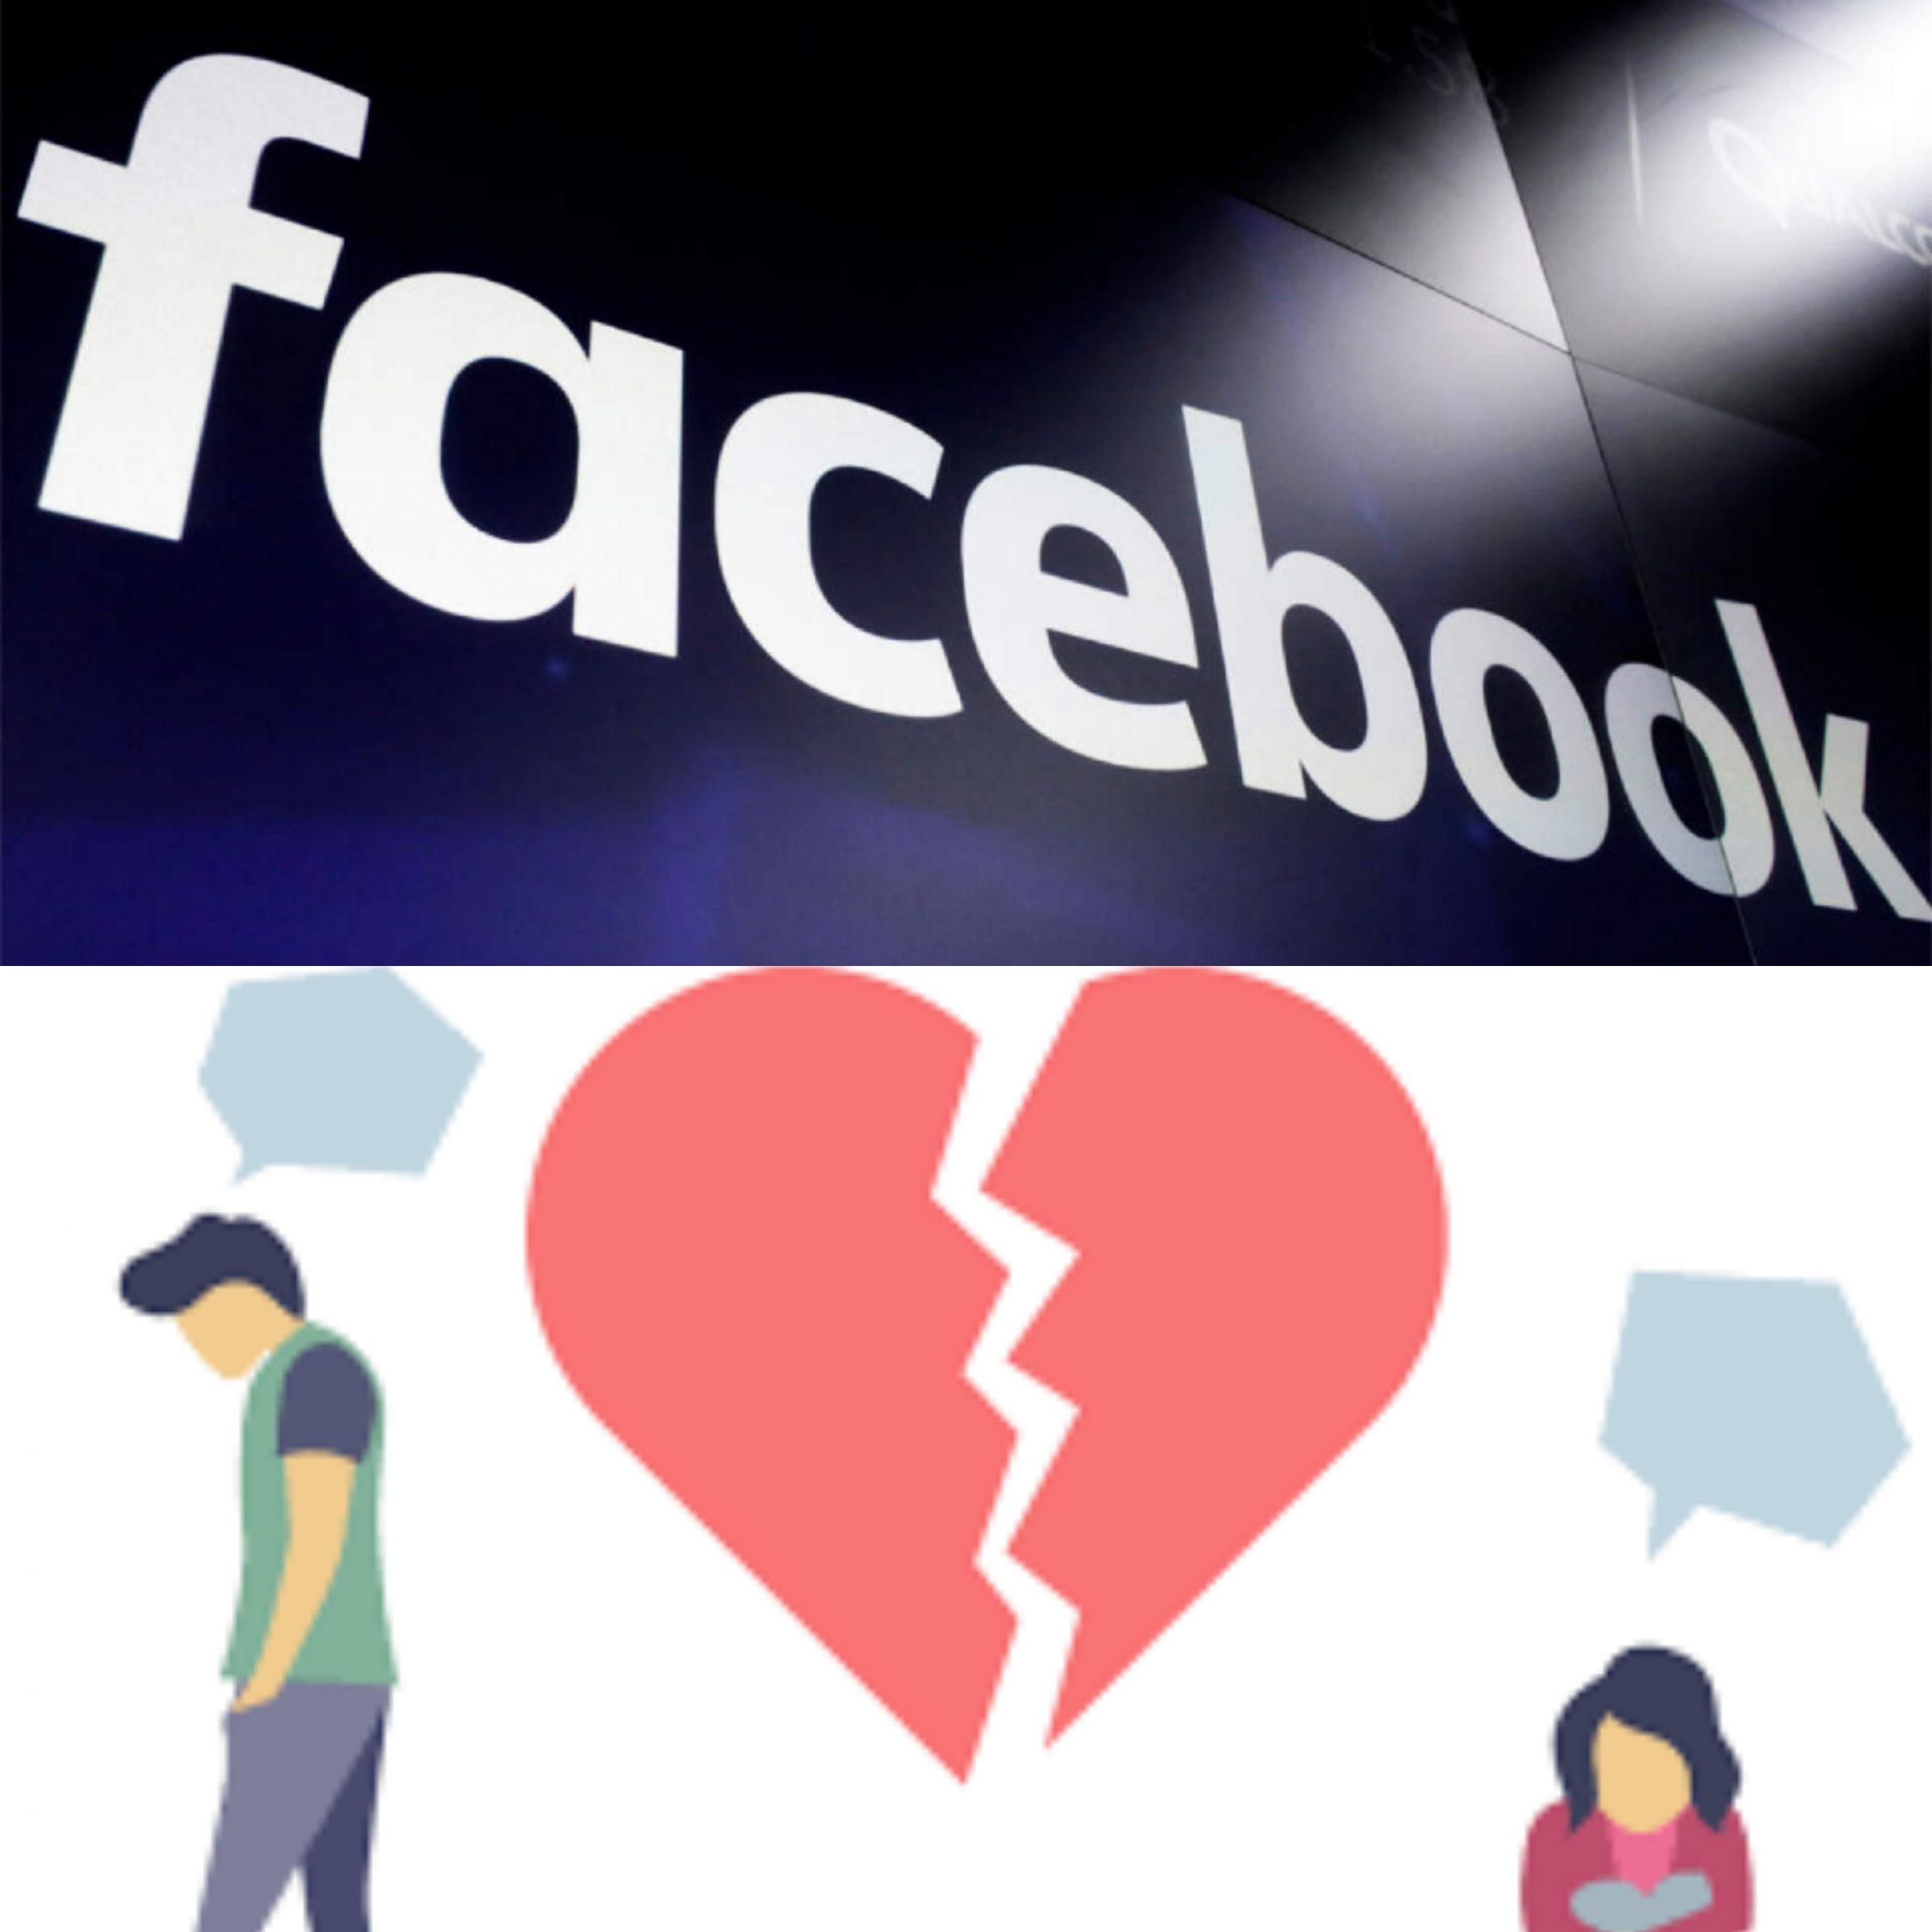 फेसबुकको झुठा प्रेमले गर्दा तारा पईन धोका